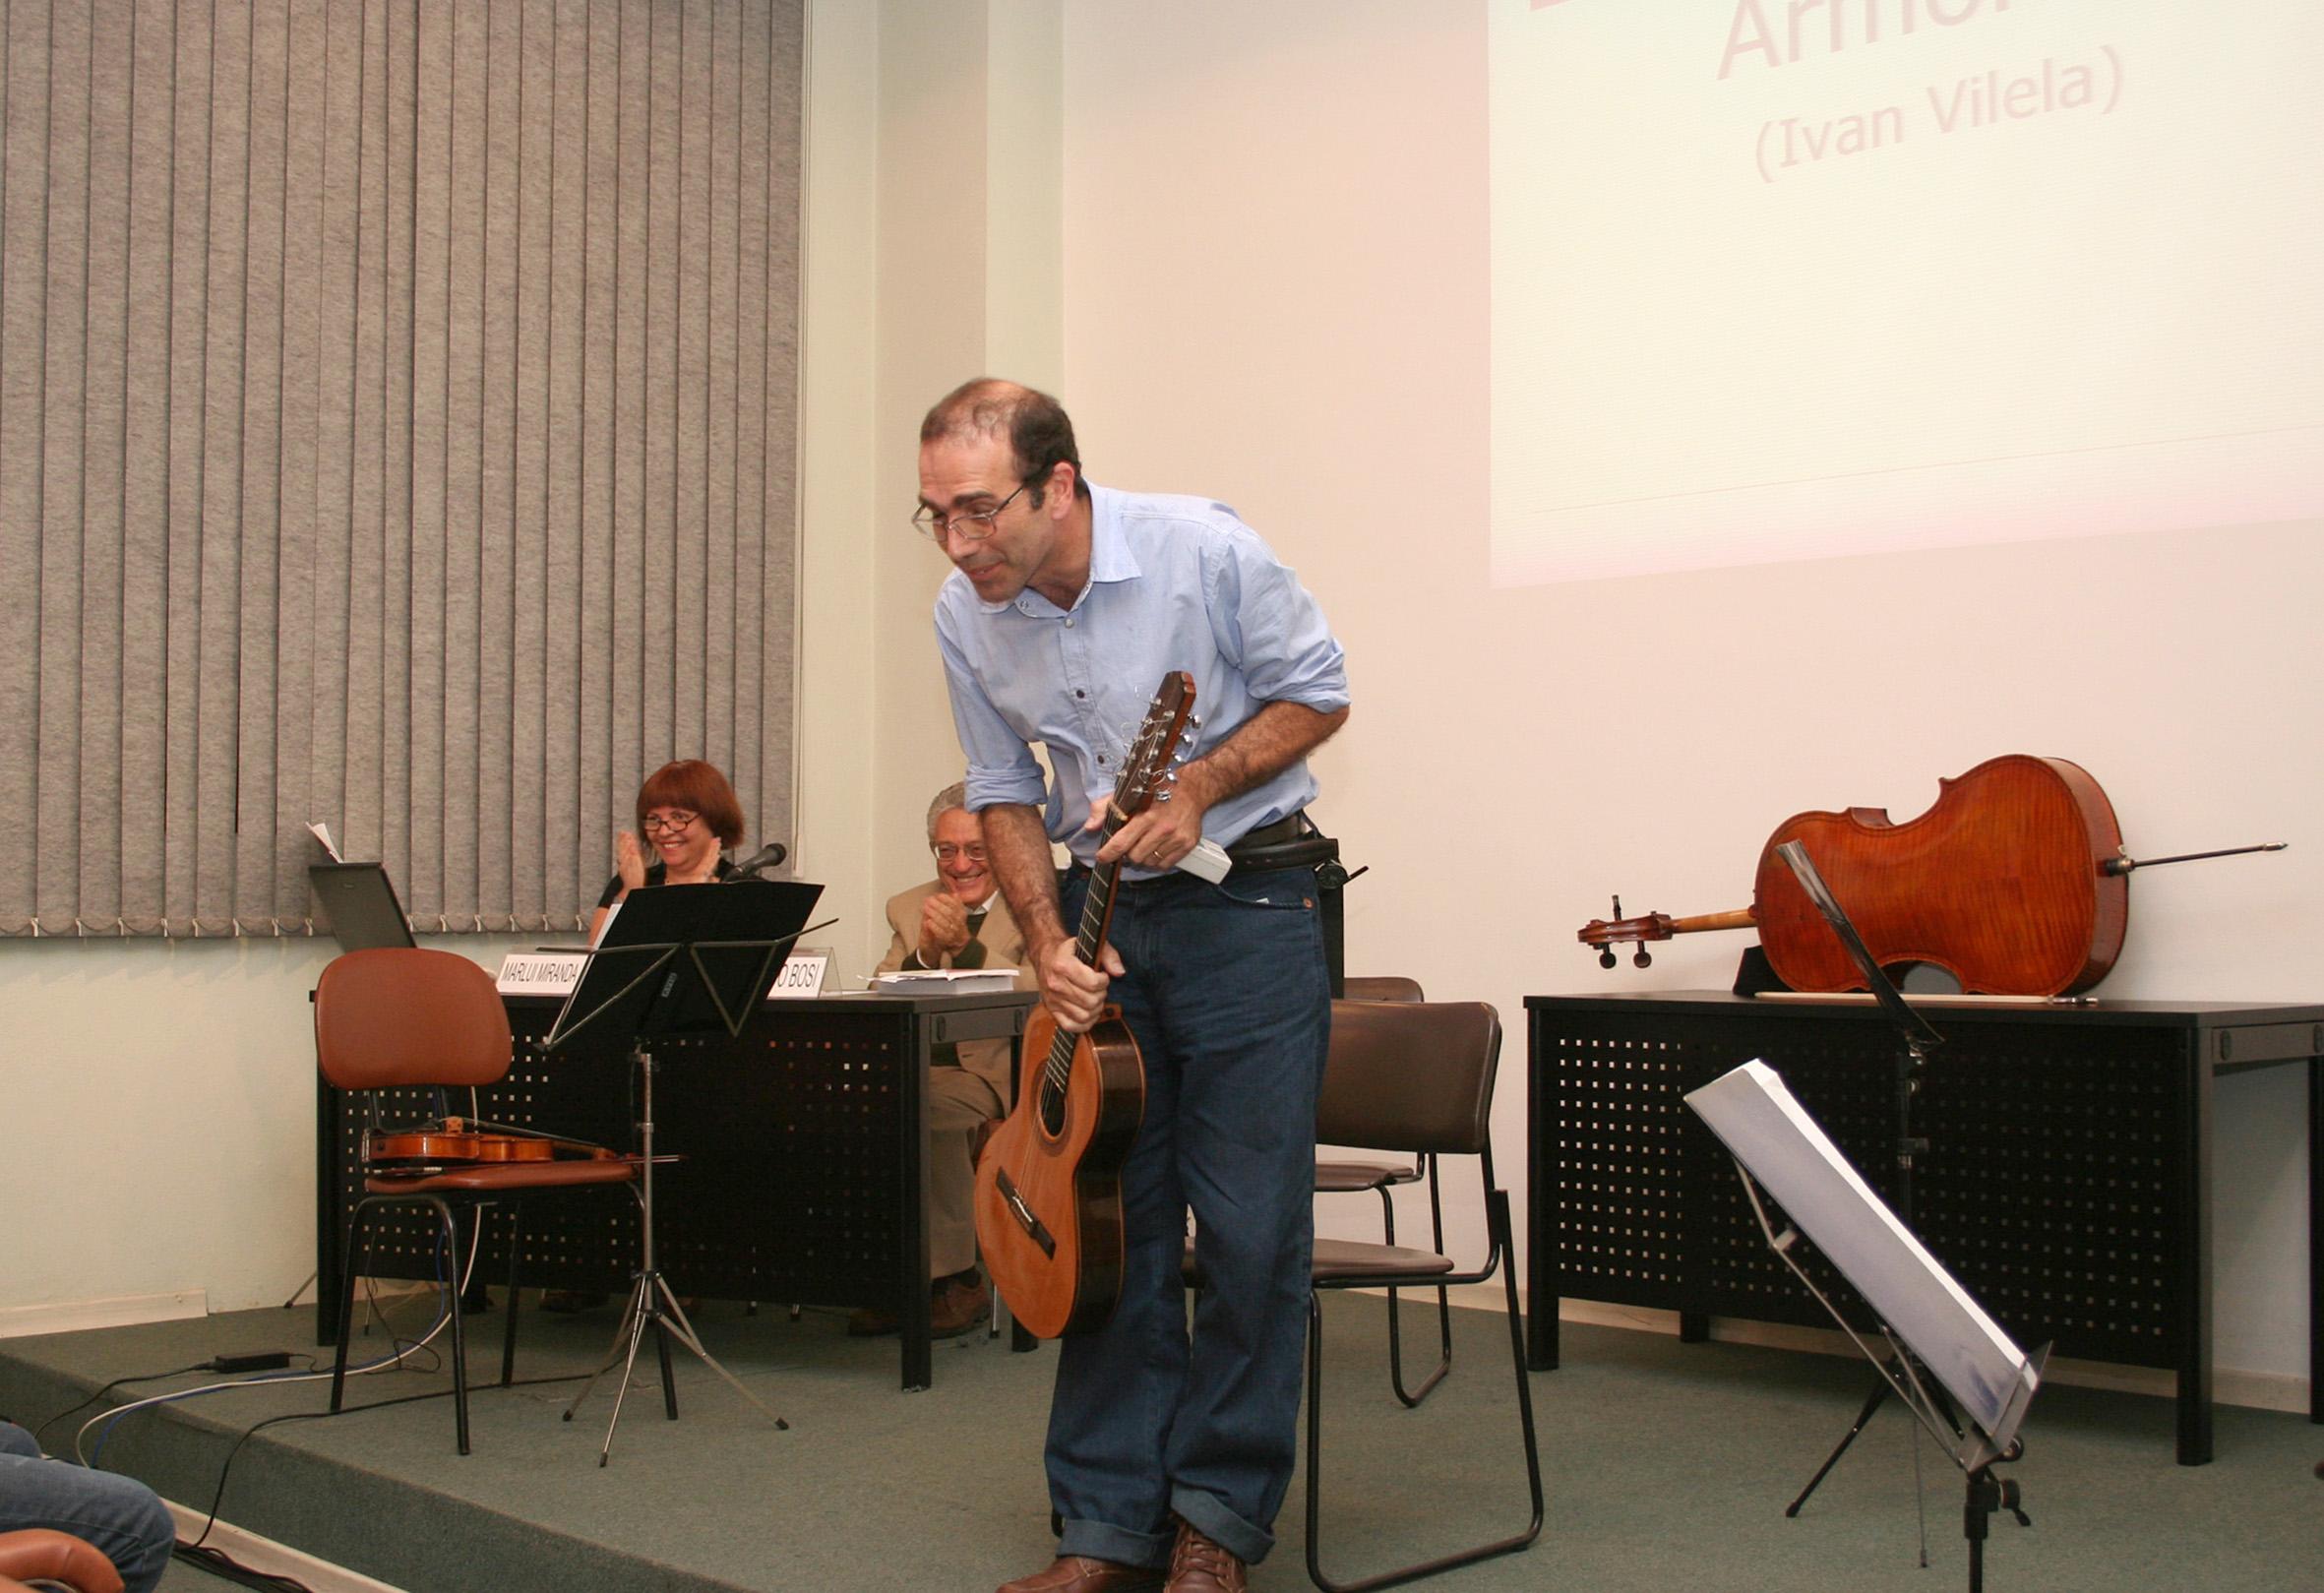 Ivan Vilela finaliza agradece ao público